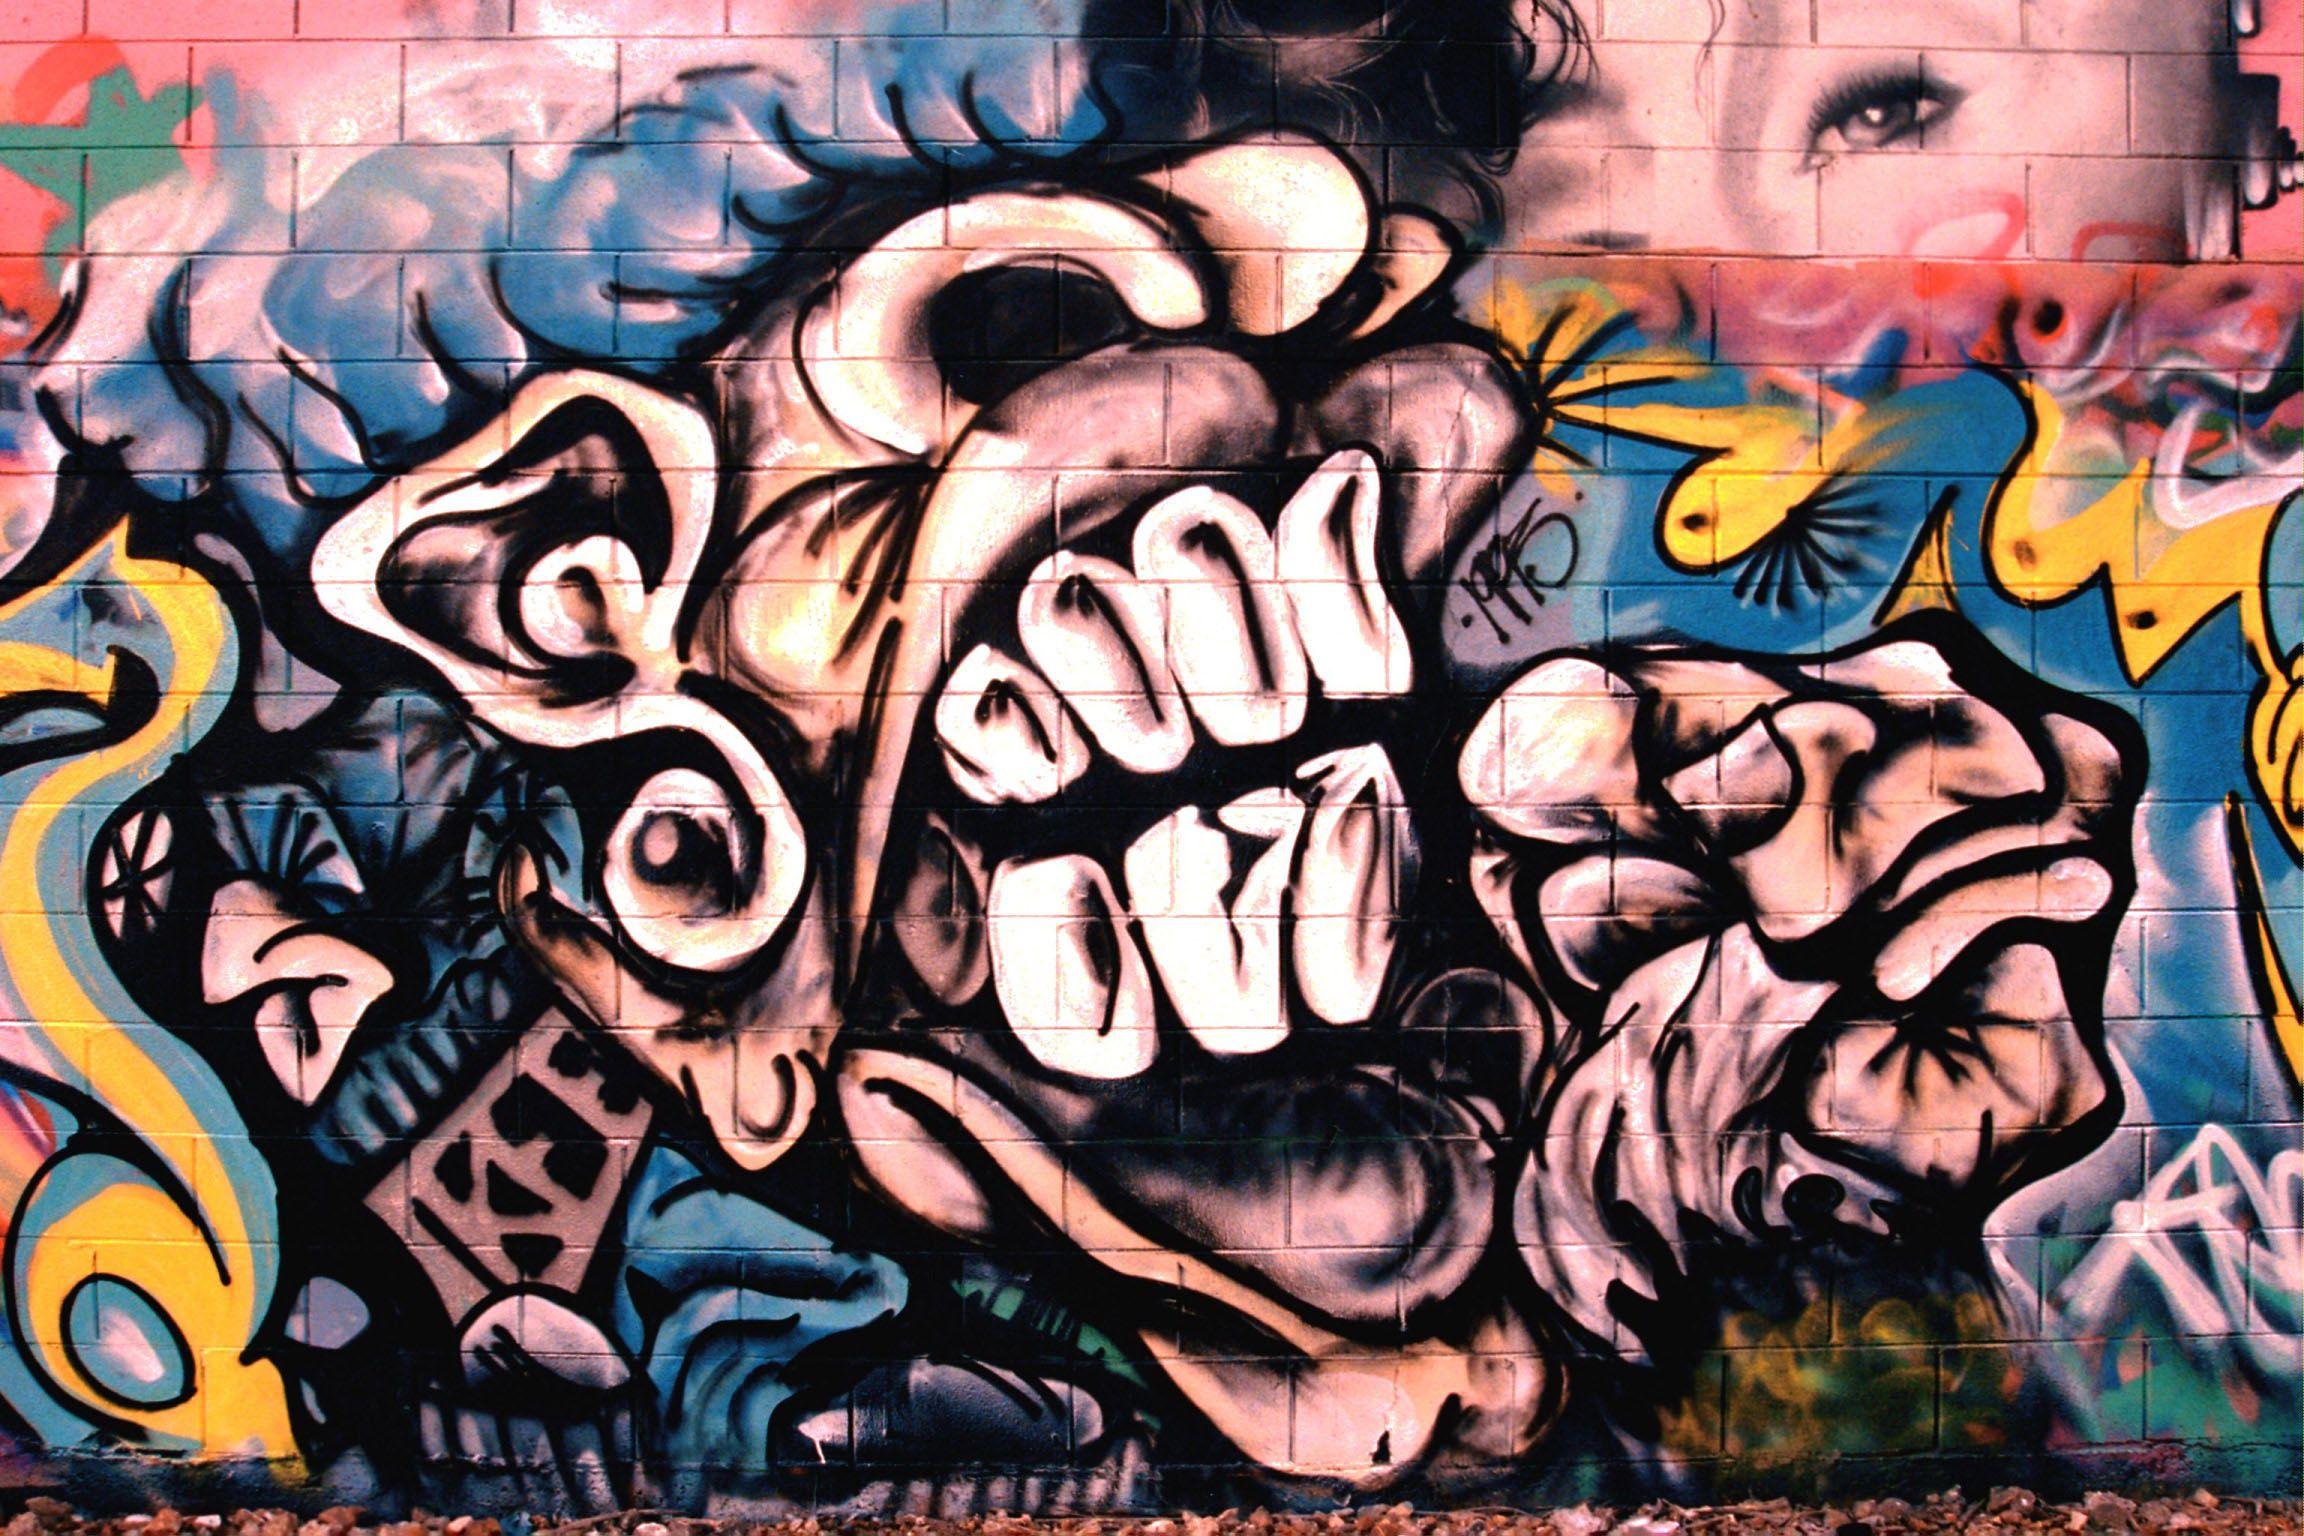 289 Graffiti Hd Wallpapers Backgrounds Wallpaper Abyss Page 10 Graffiti Seni Jalanan Gambar